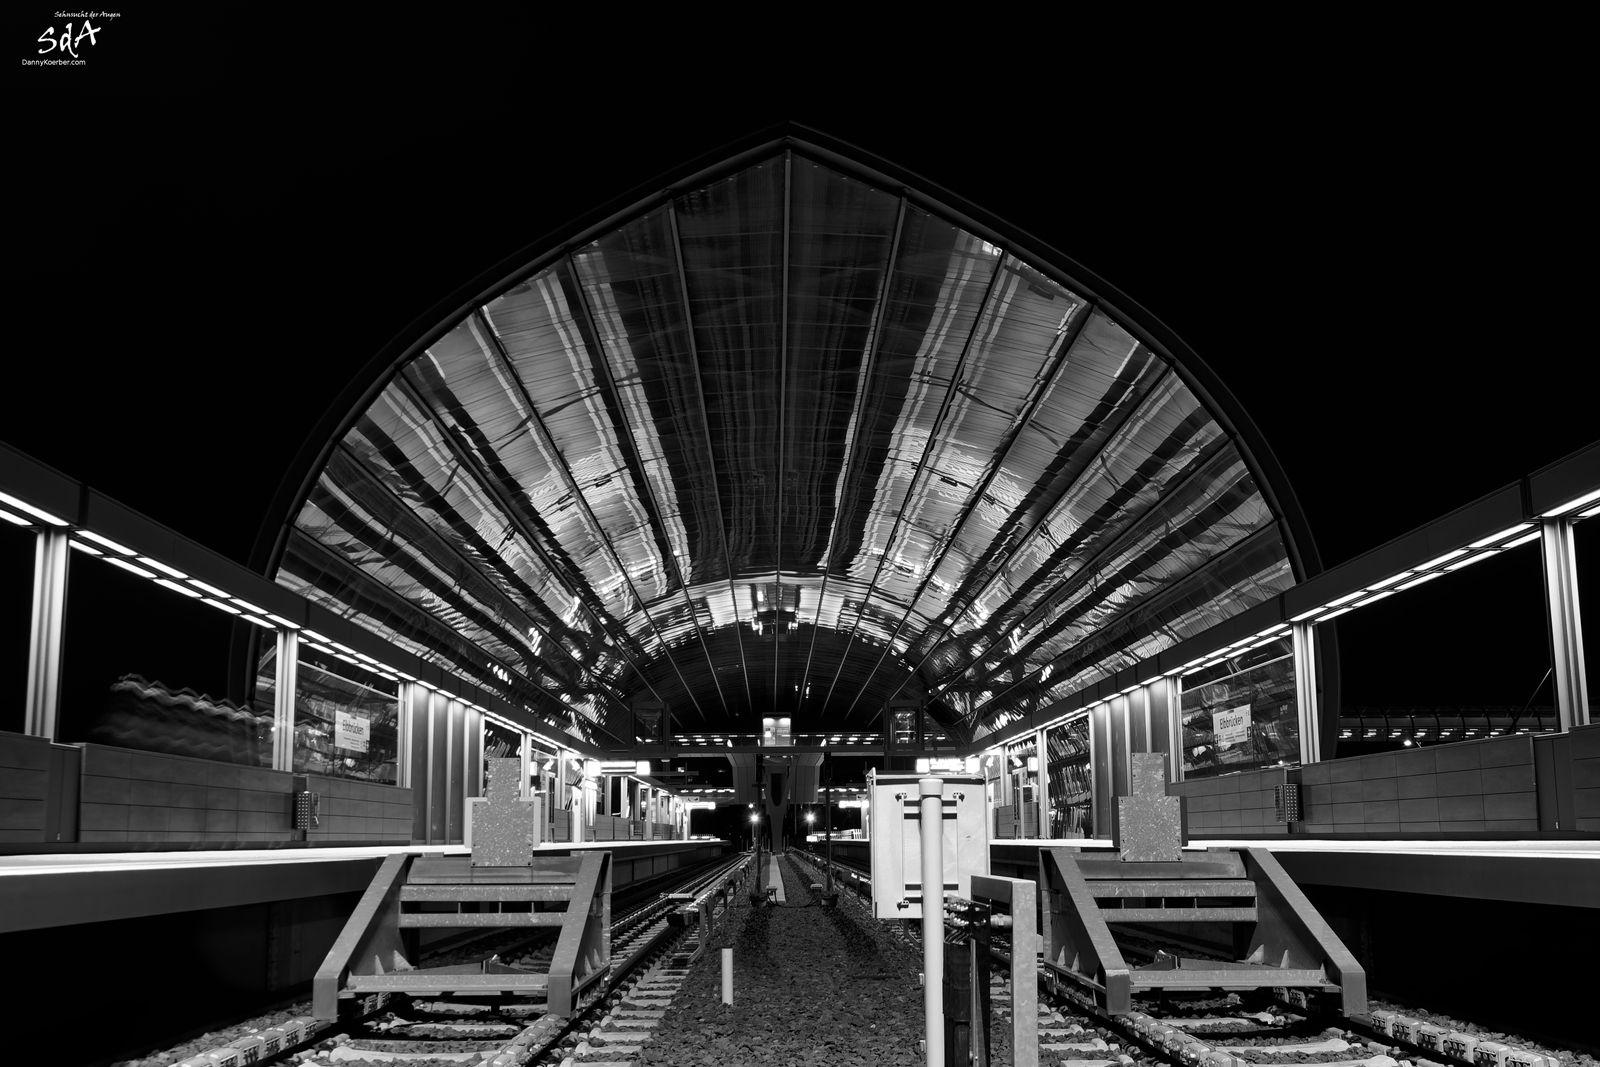 UBahnstation Elbbrücken Südseite, fotografiert von Danny Koerber für Architektur von Sehnsucht der Augen.